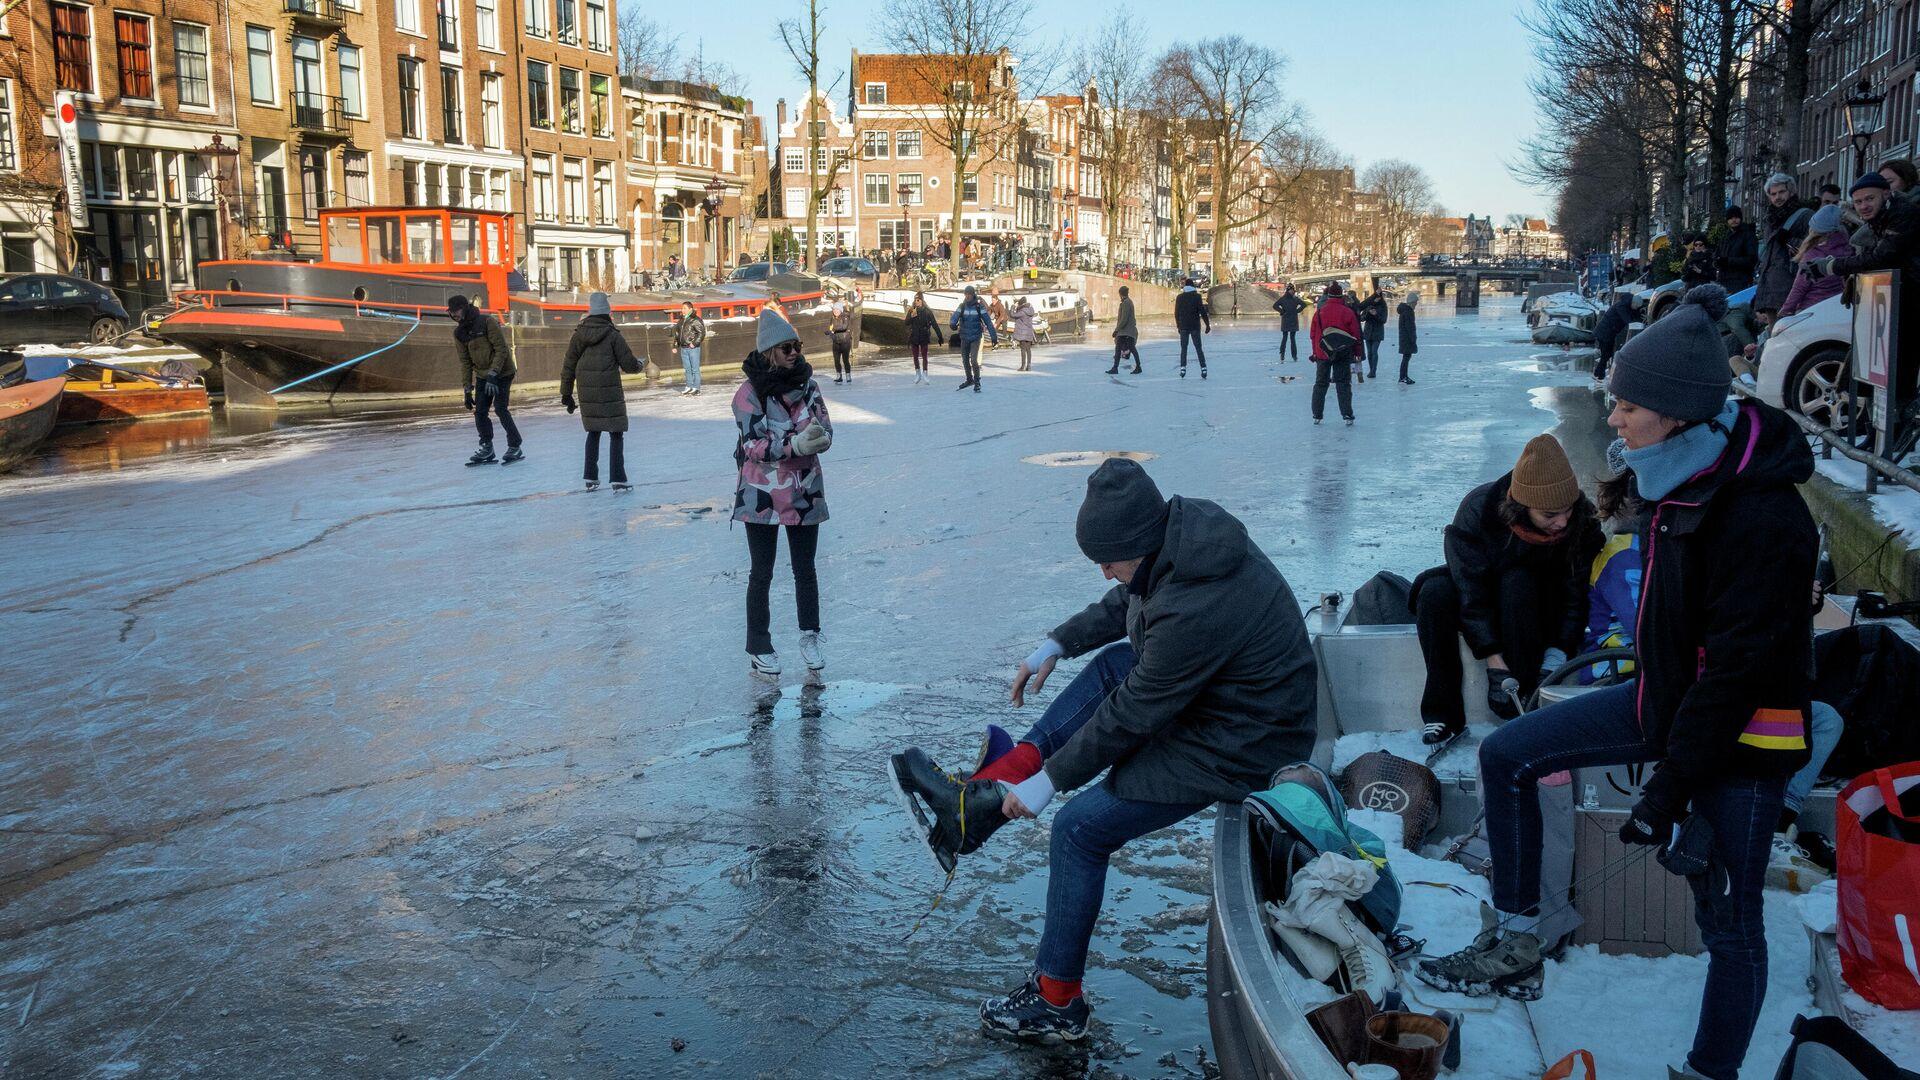 Aficionados al patinaje en Ámsterdam - Sputnik Mundo, 1920, 16.02.2021